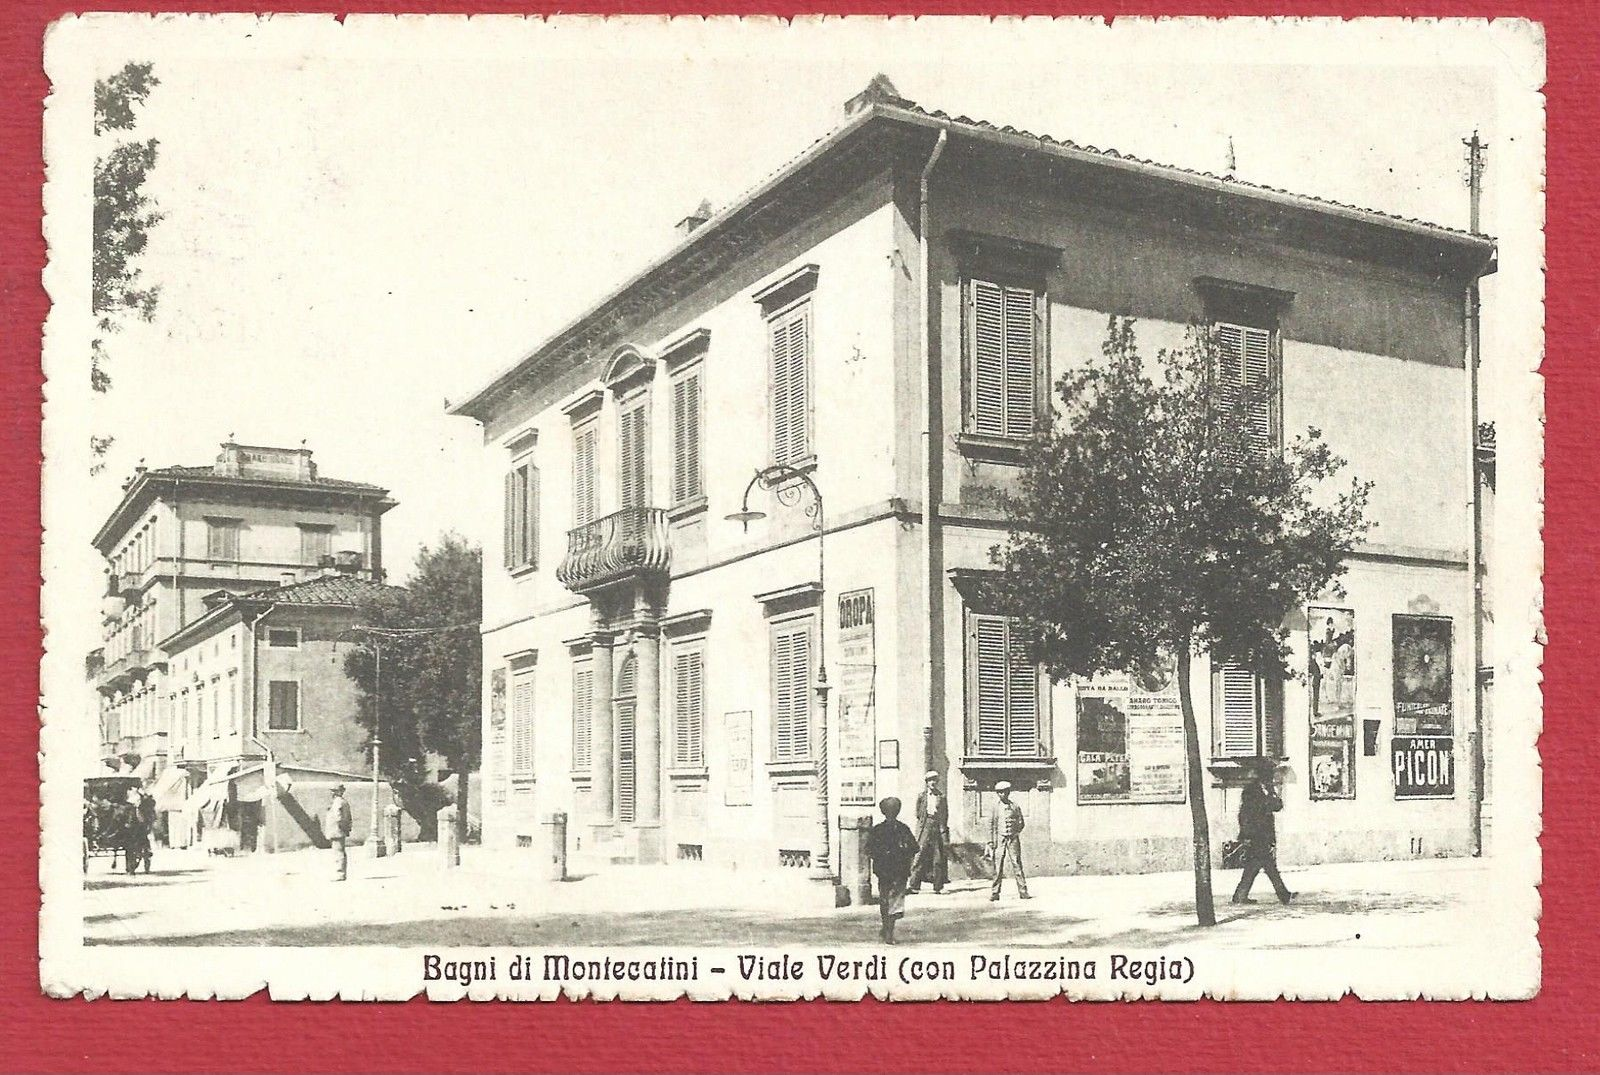 https://filateliadesimoni.com/wp-content/uploads/imported/3/1917-BAGNI-DI-MONTECATINI-Viale-Verdi-con-Palazzina-Regia-VIAGGIATA-221921361653.JPG